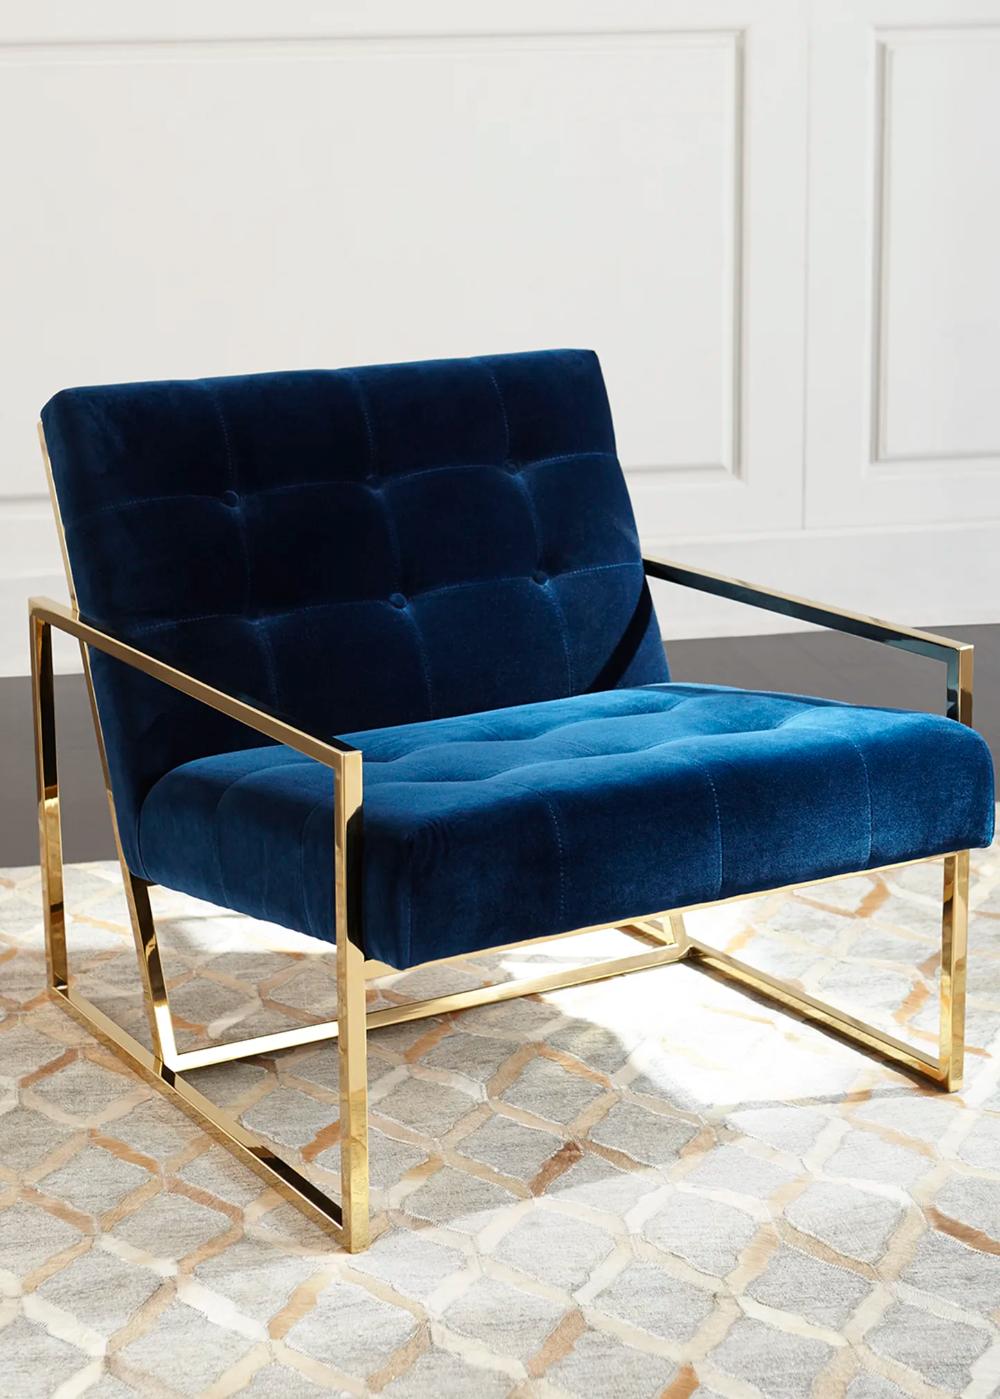 Jonathan Adler Goldfinger Lounge Chair - Bergdorf Goodman